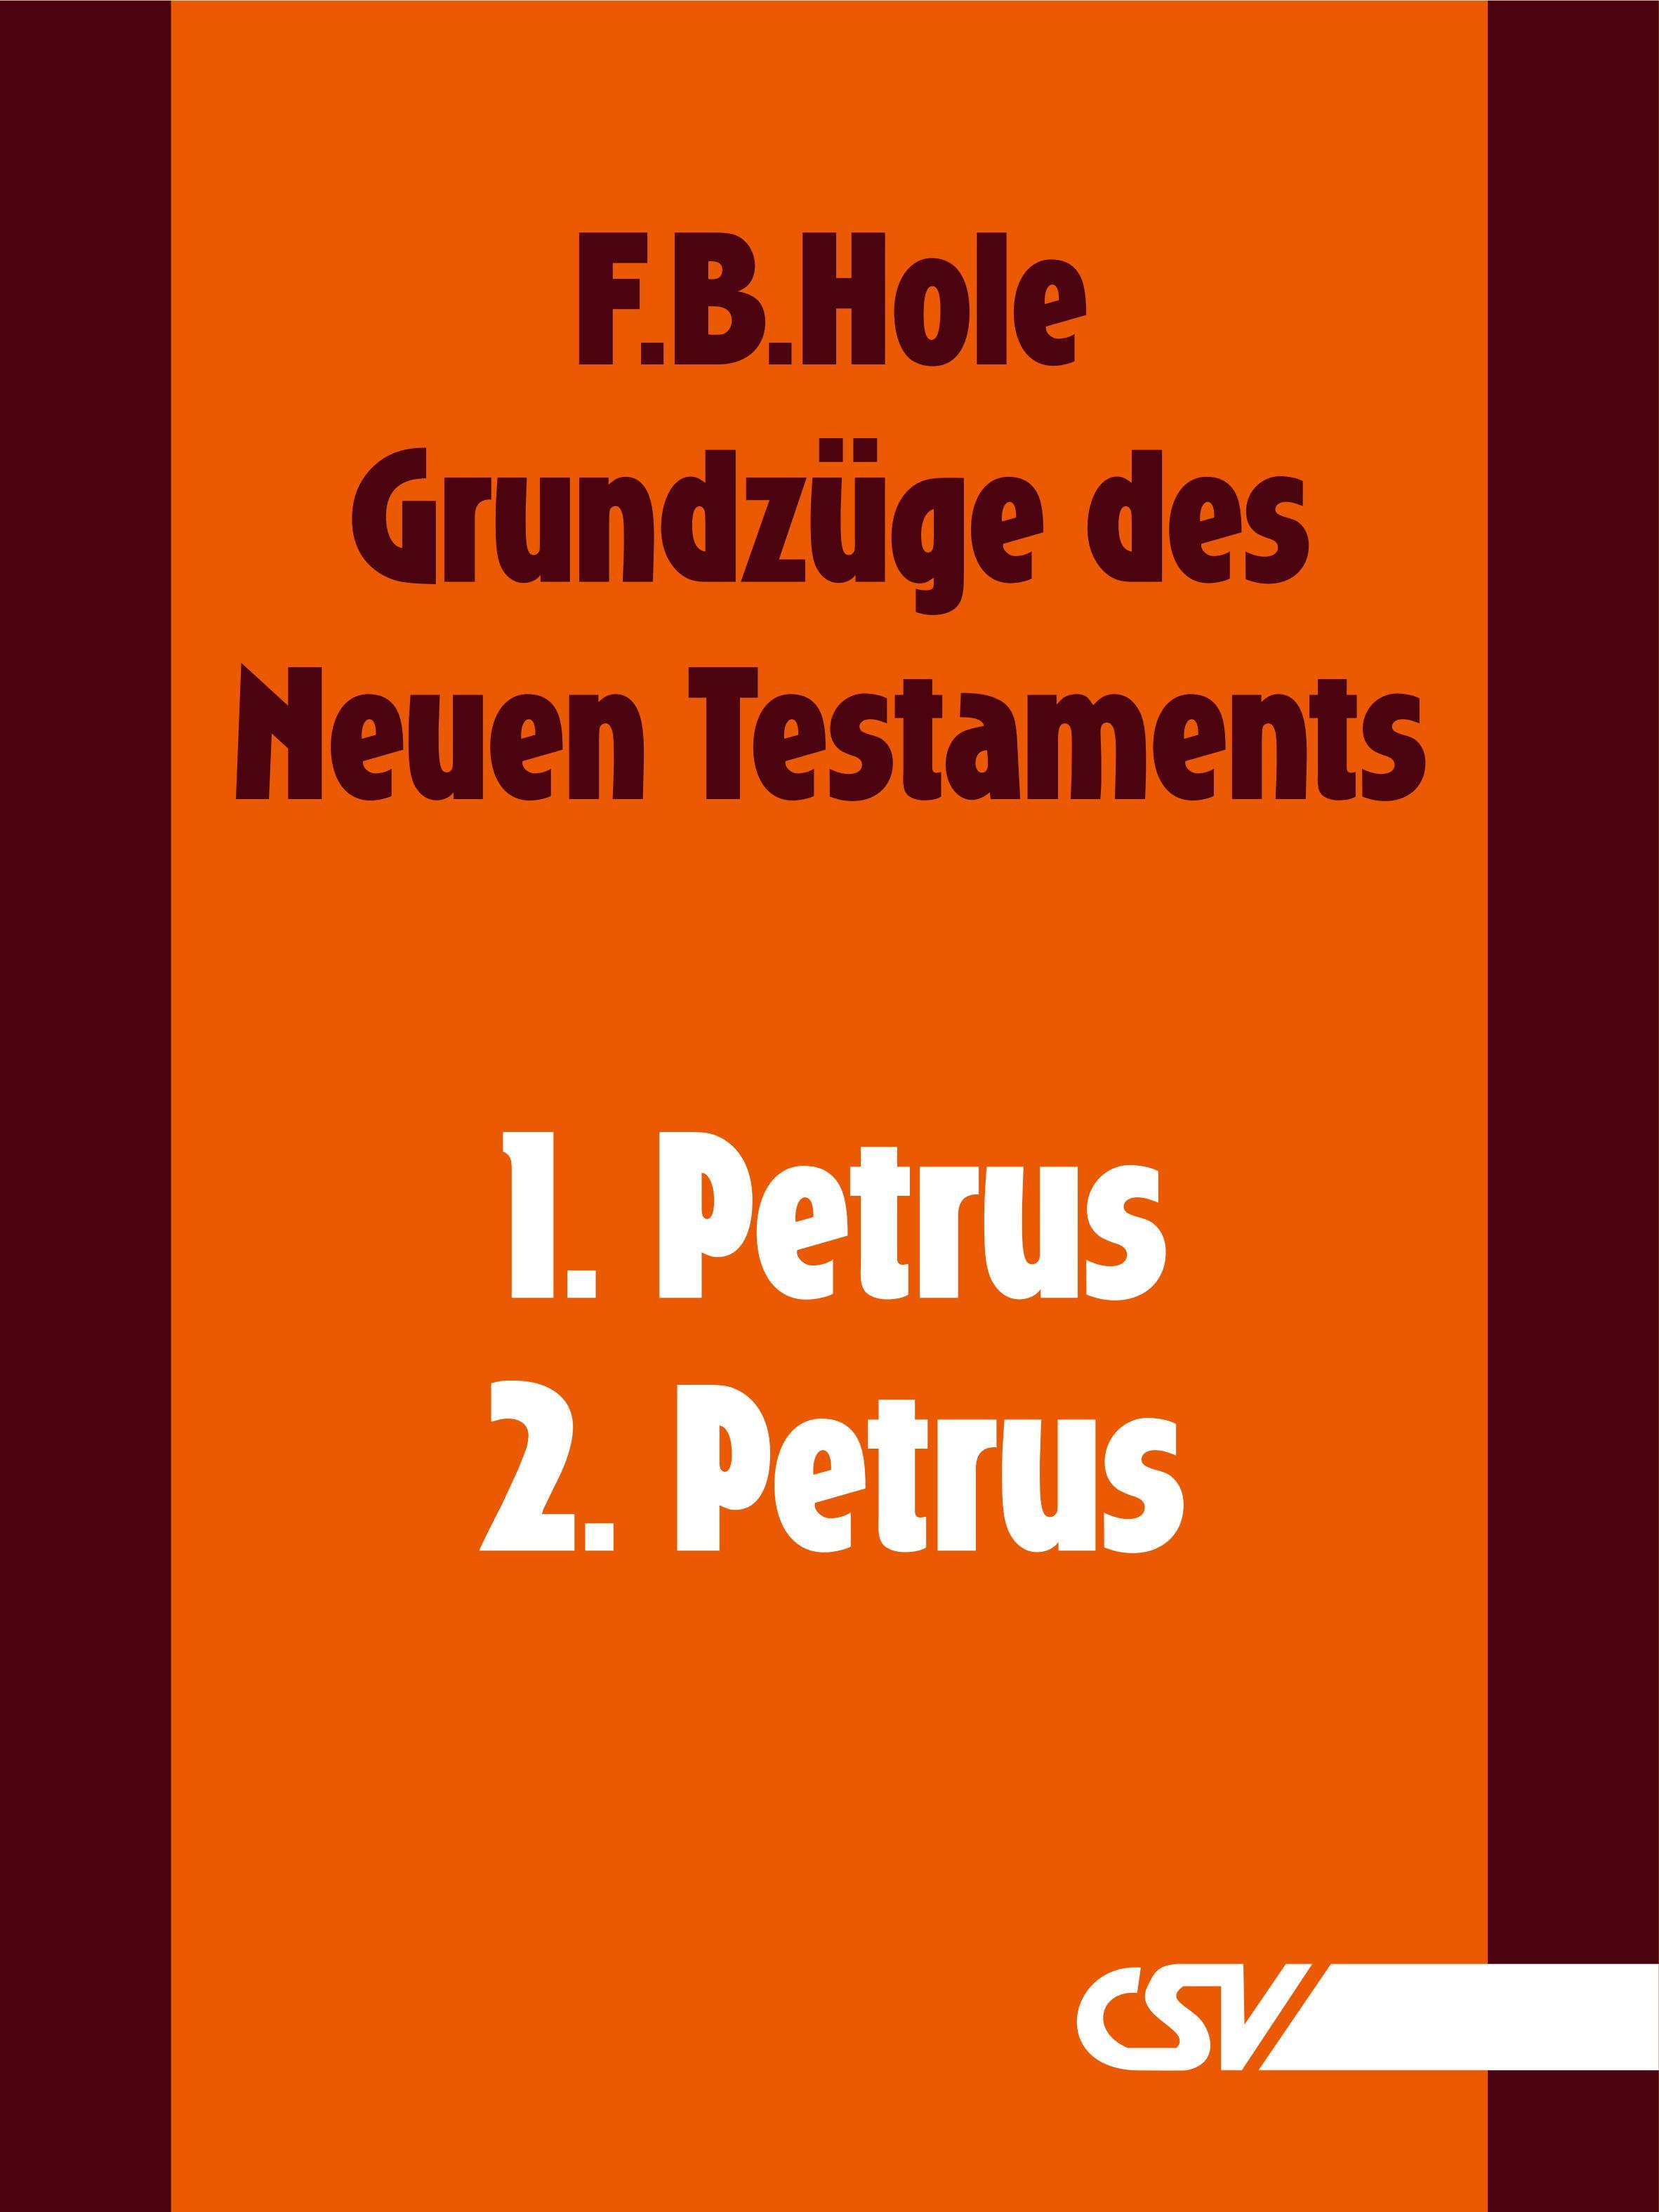 F. B. Hole Grundzüge des Neuen Testaments - 1. & 2. Petrus f b hole grundzüge des neuen testaments 2 korinther